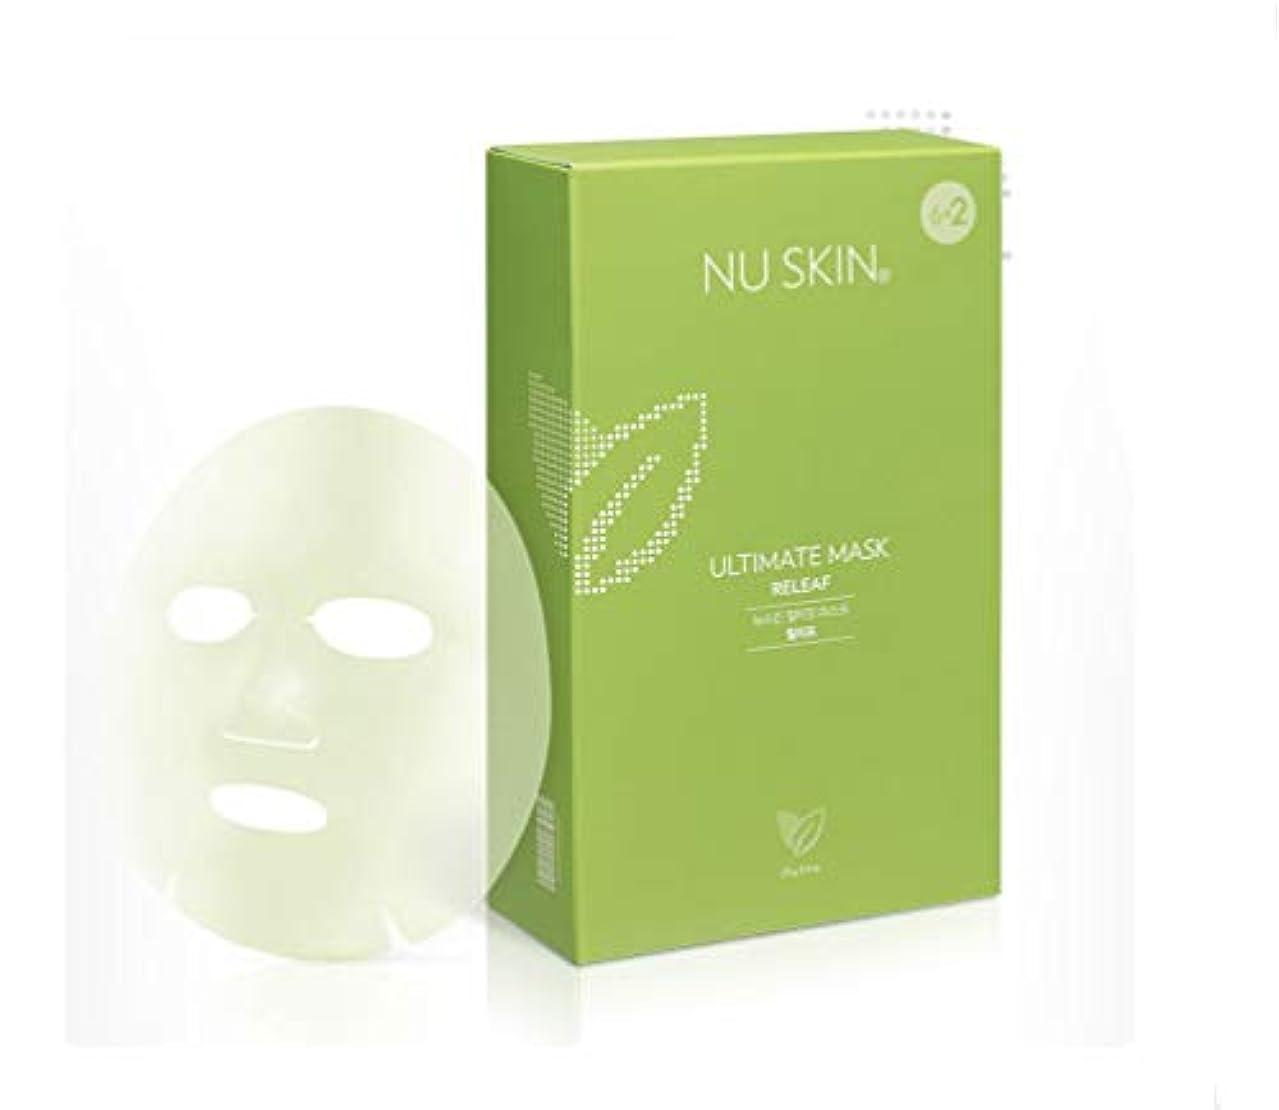 気分イソギンチャク重なるニュースキン NU SKIN ULTIMATE MASK RELEAF 6+2 グリーンゲルスージングマスク(海外直送品)